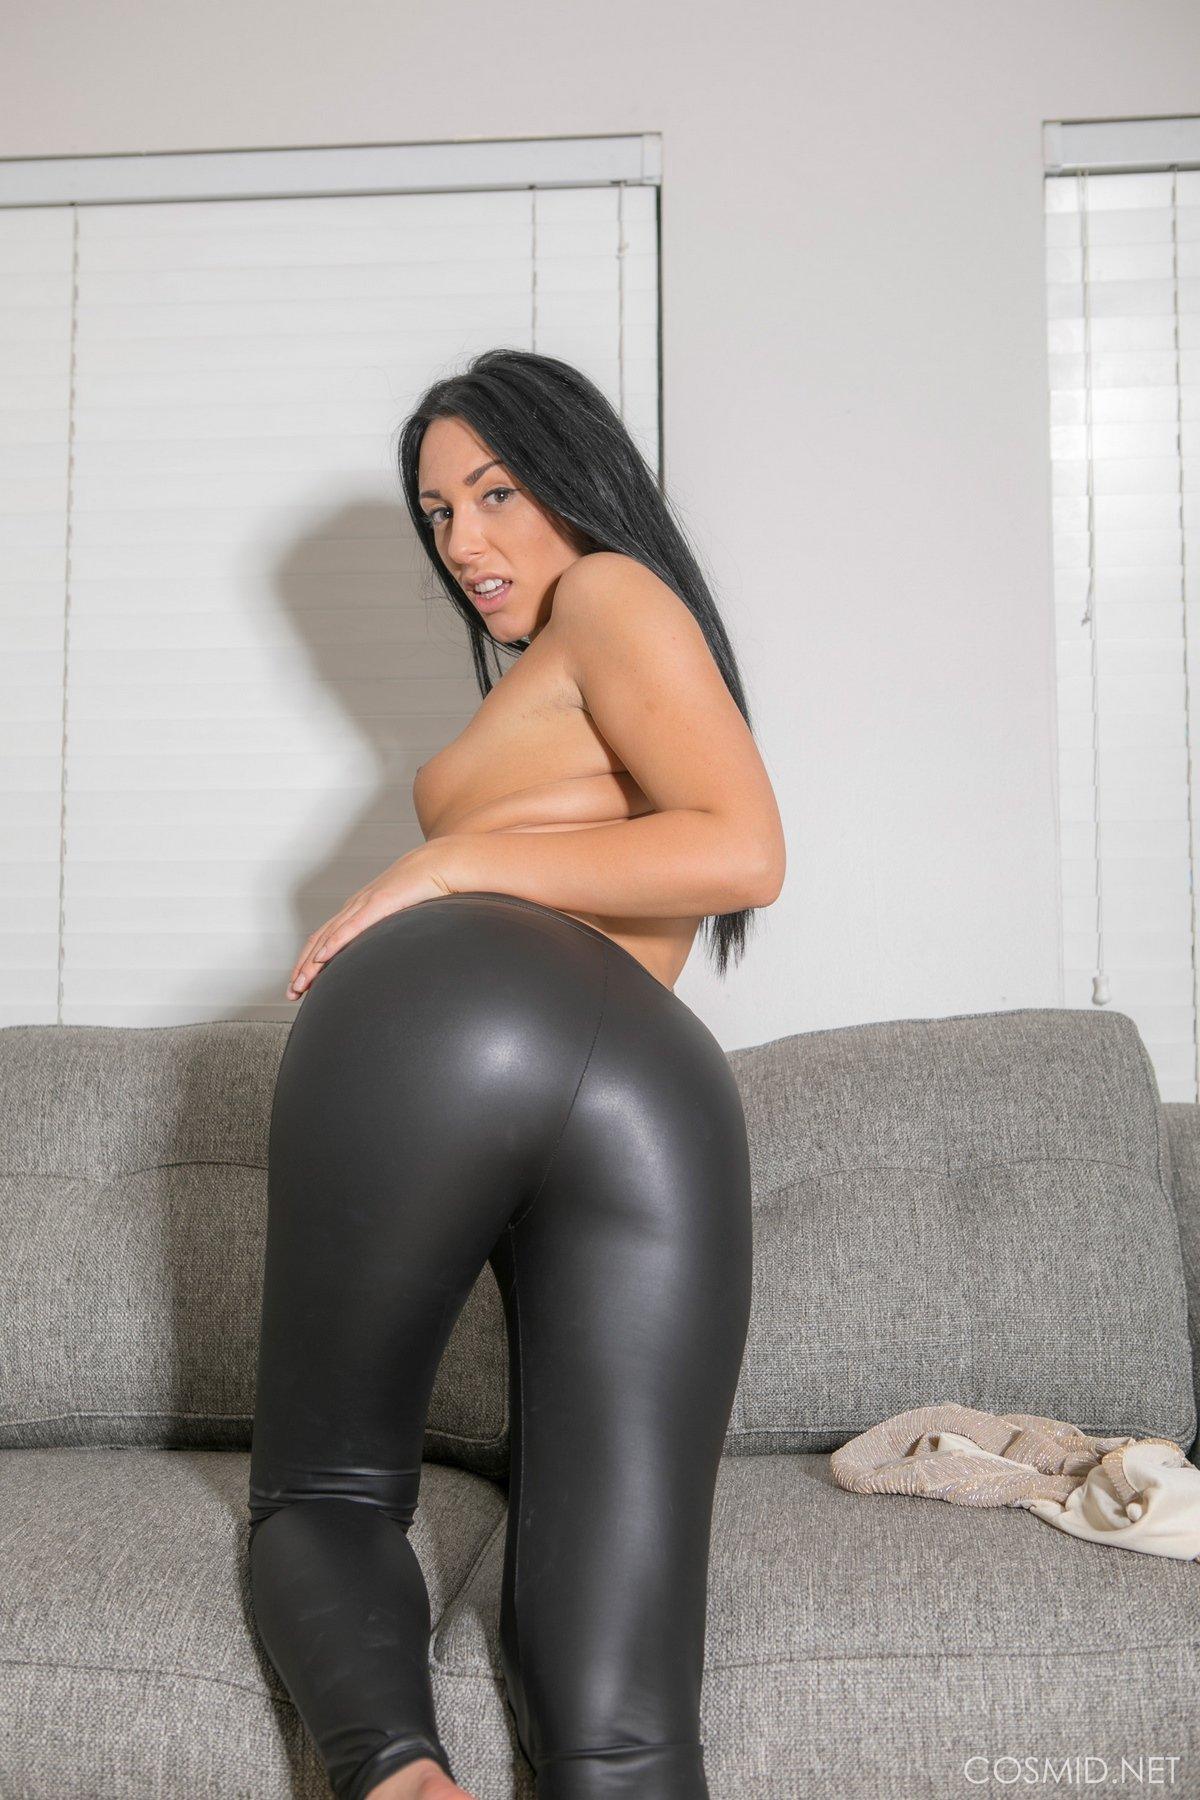 Черные попки женщин, пышные порно фото очень крупно